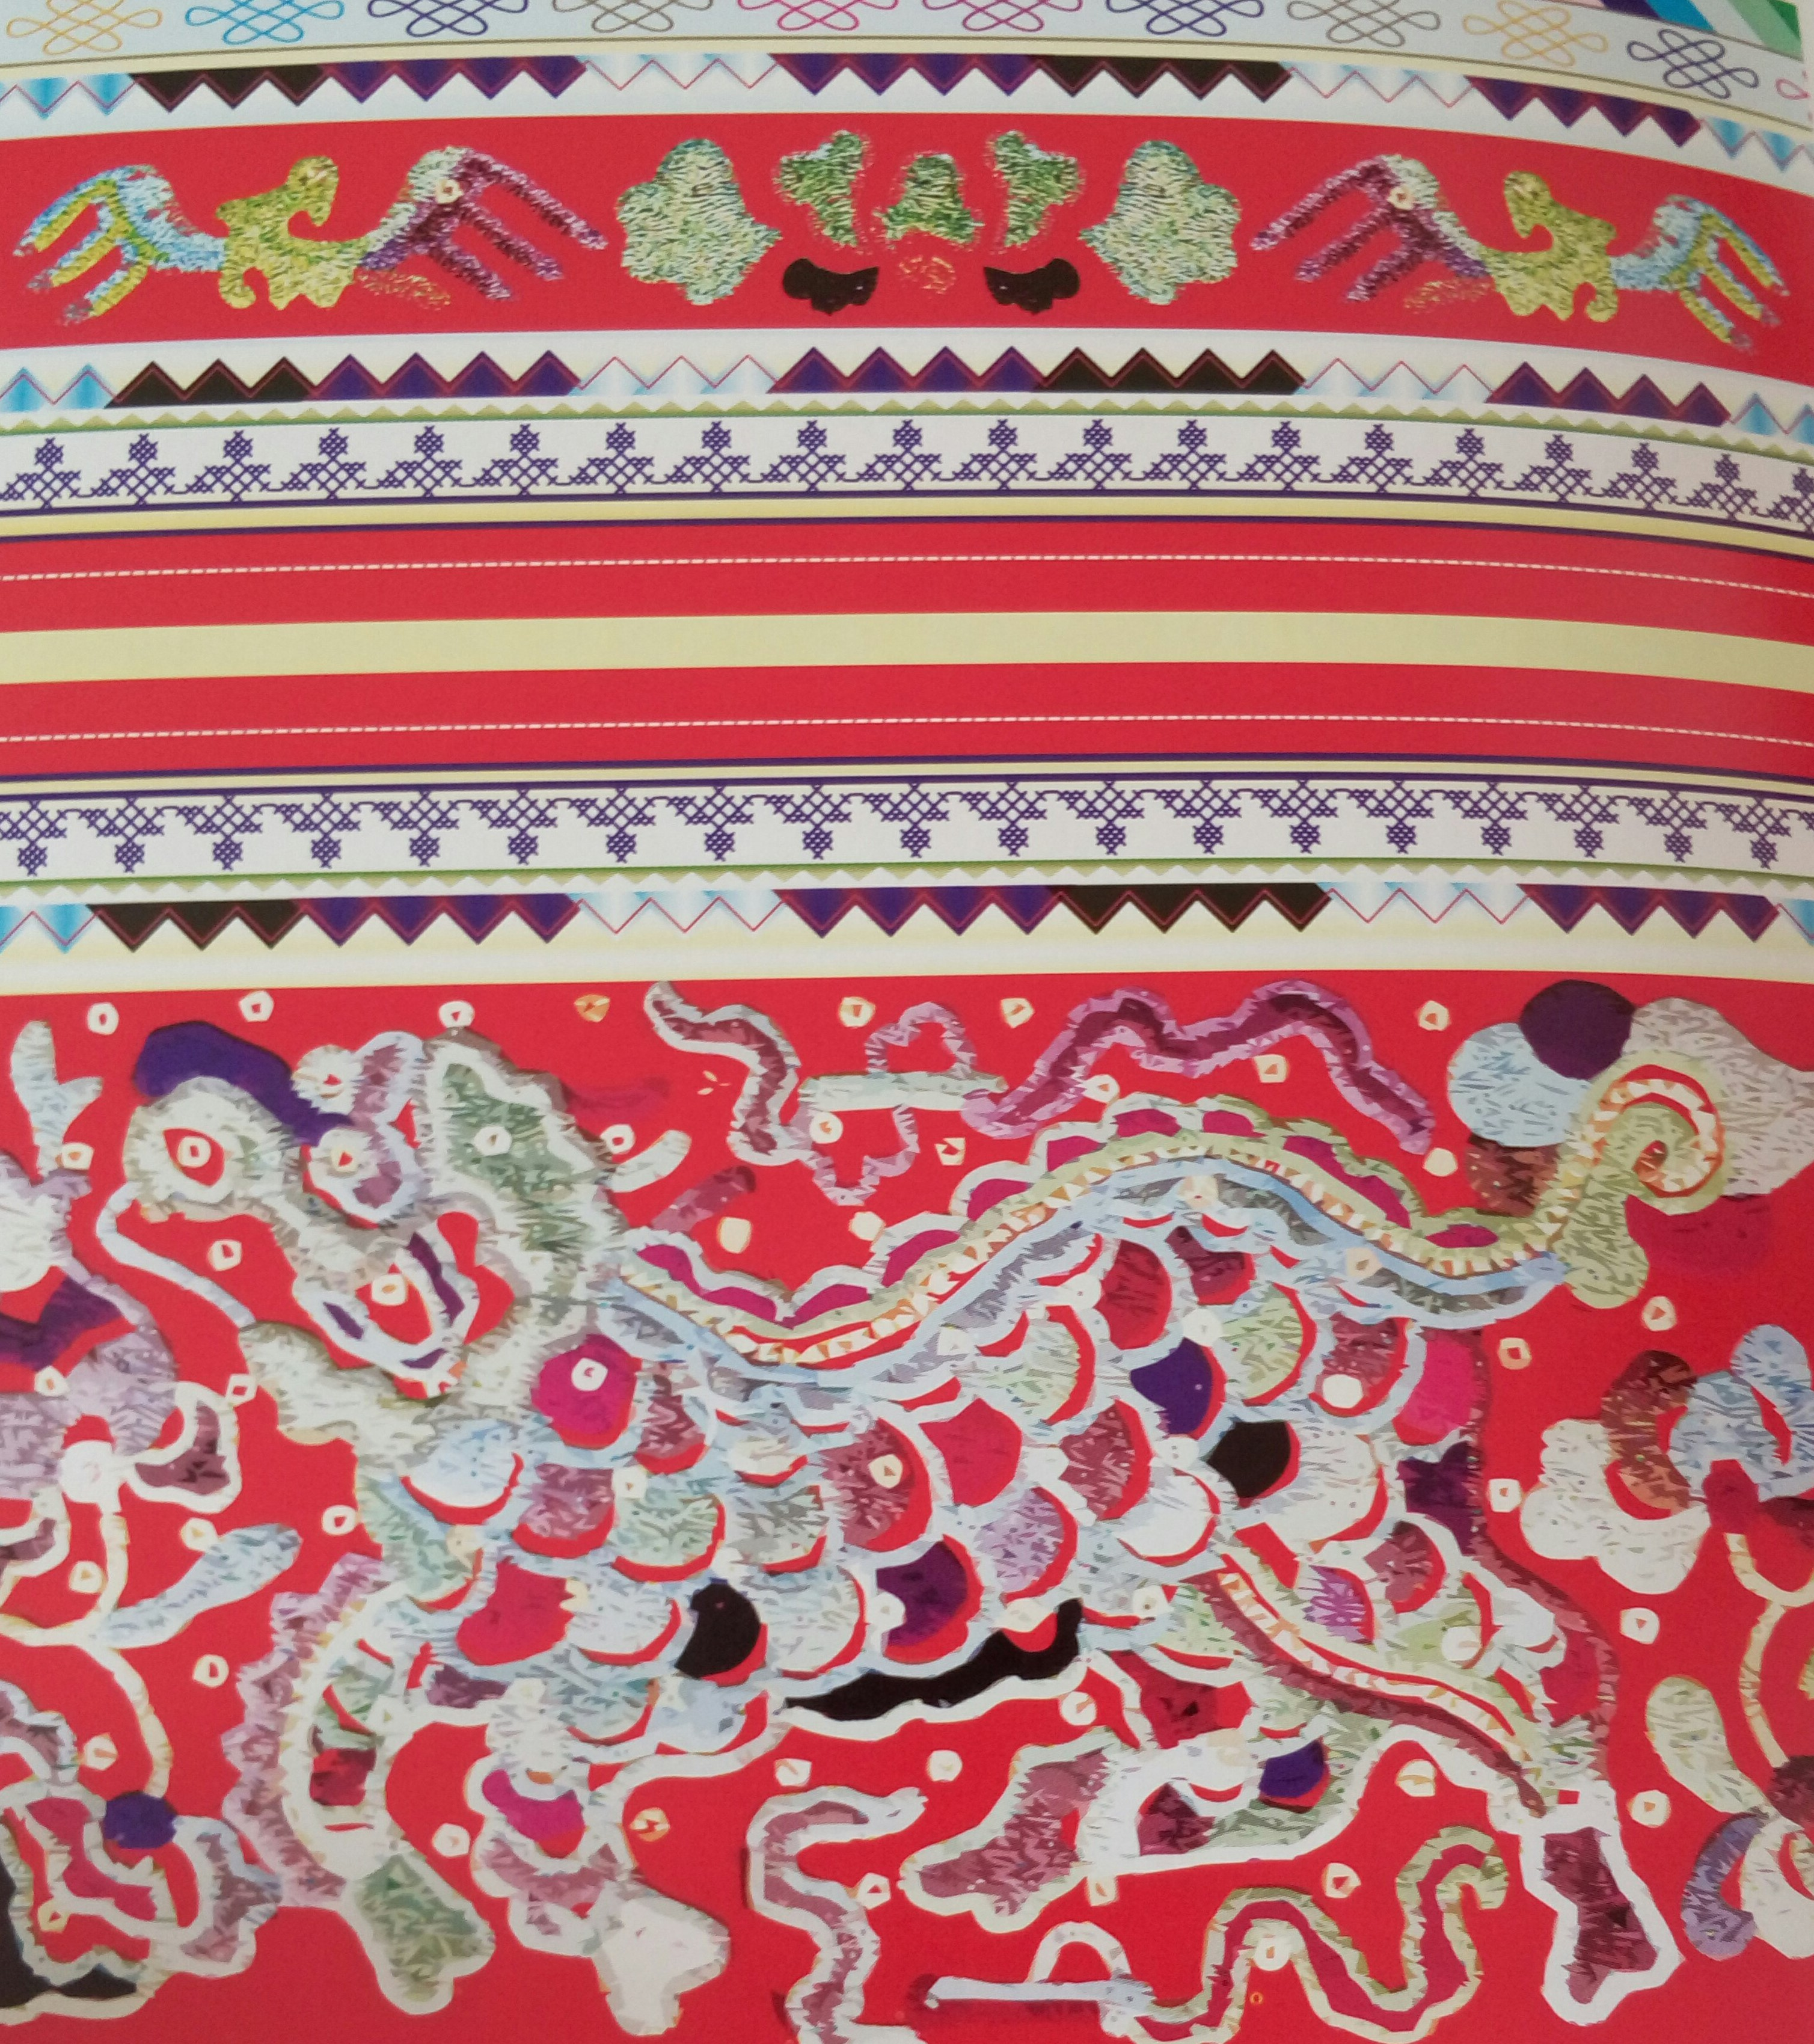 中国传统刺绣与织物图案